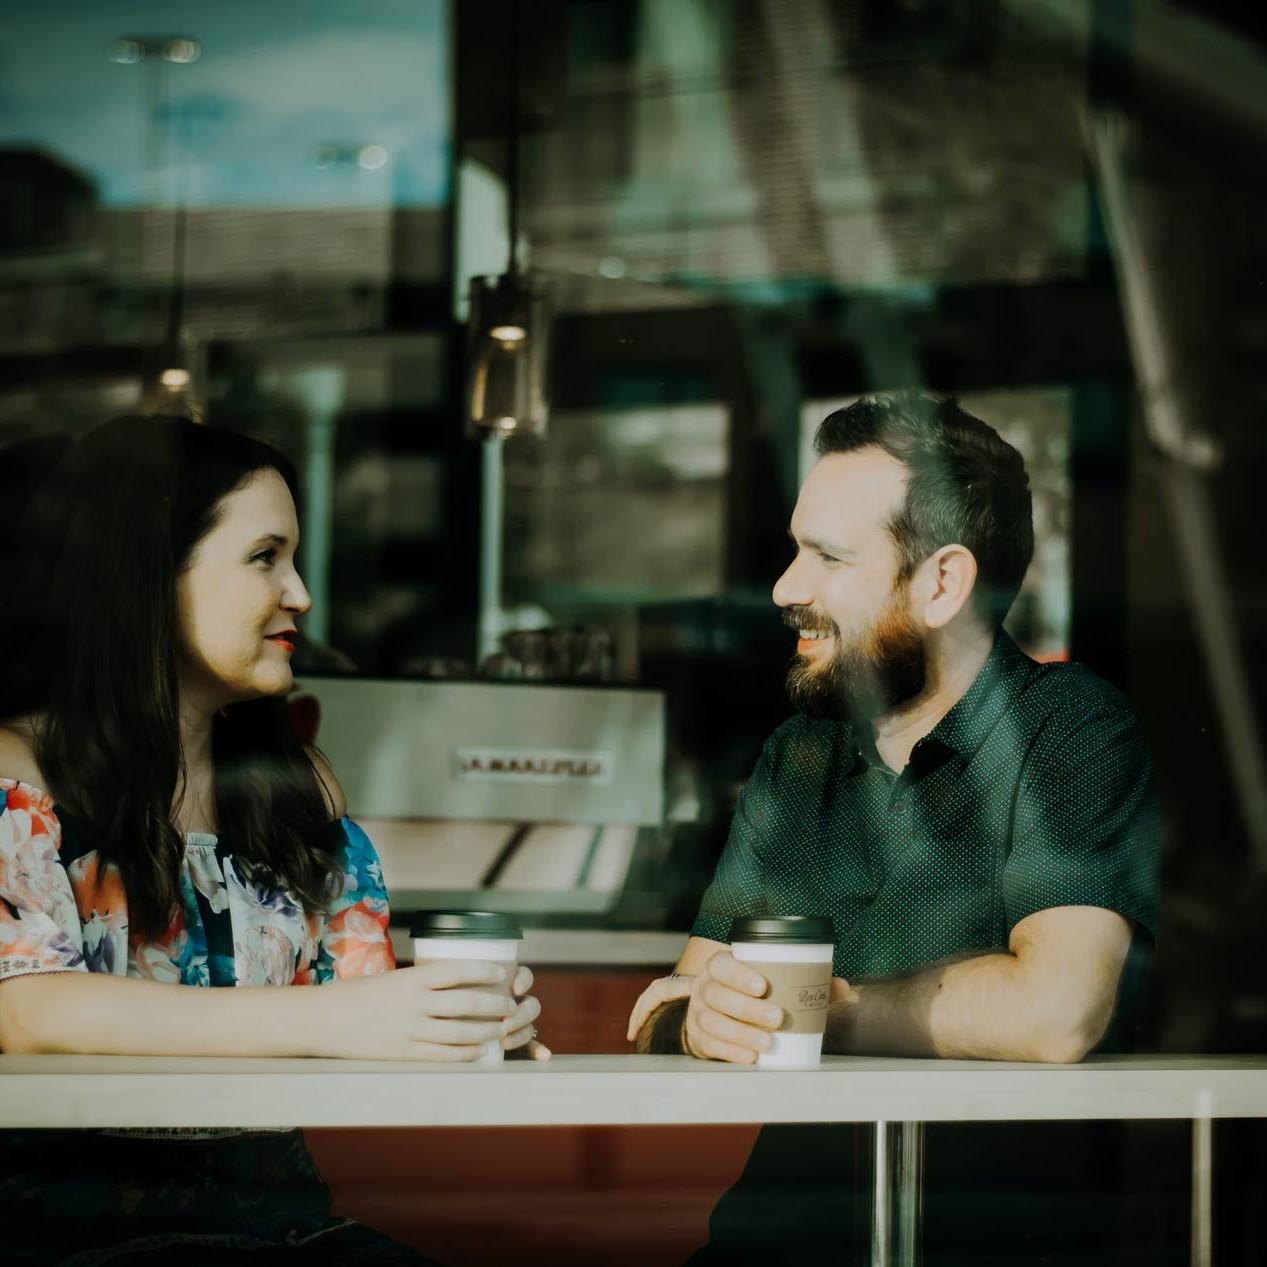 Reglas de oro para comunicarme con mi pareja